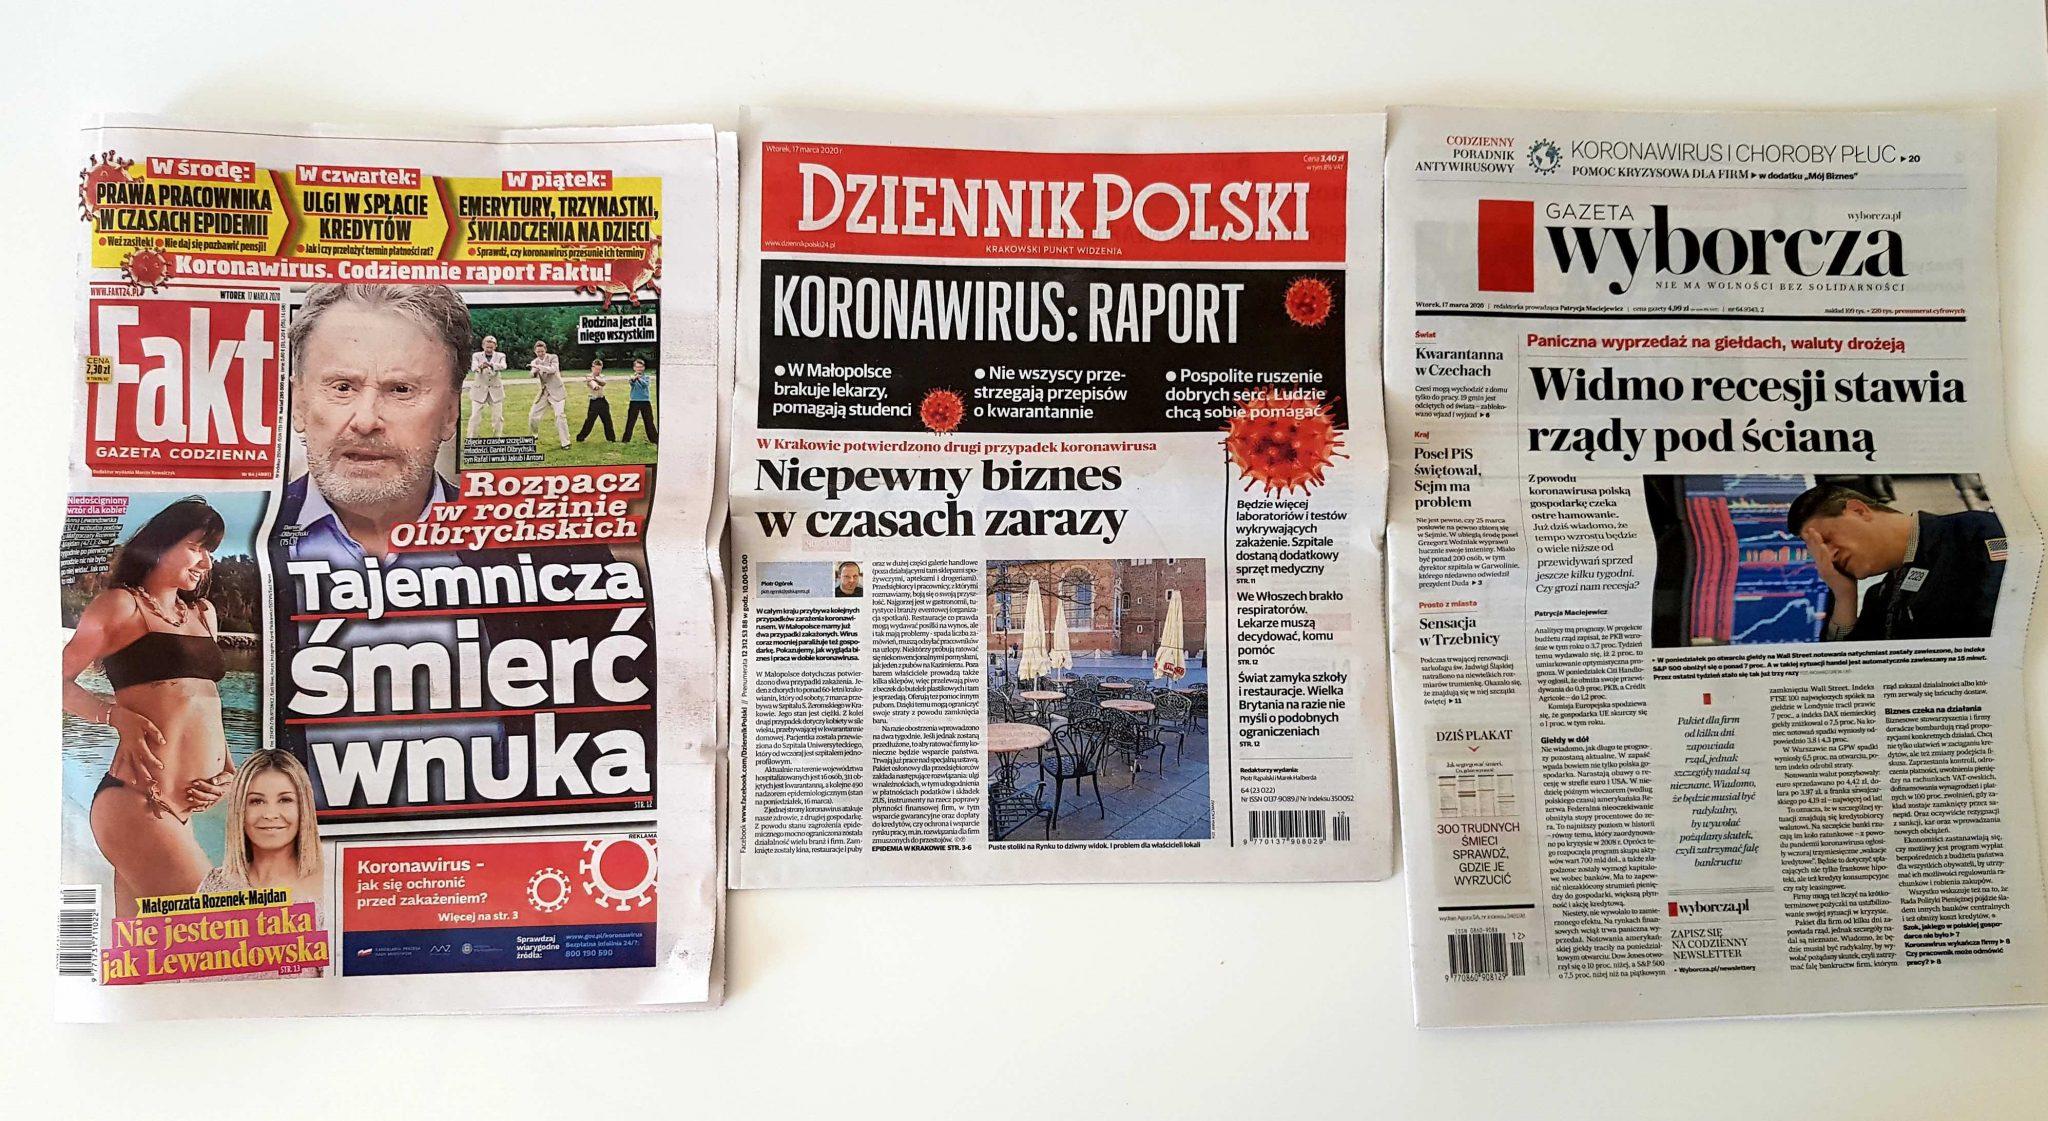 Polonia, coronavirus: alcuni giornali polacchi titolano sull'emergenza